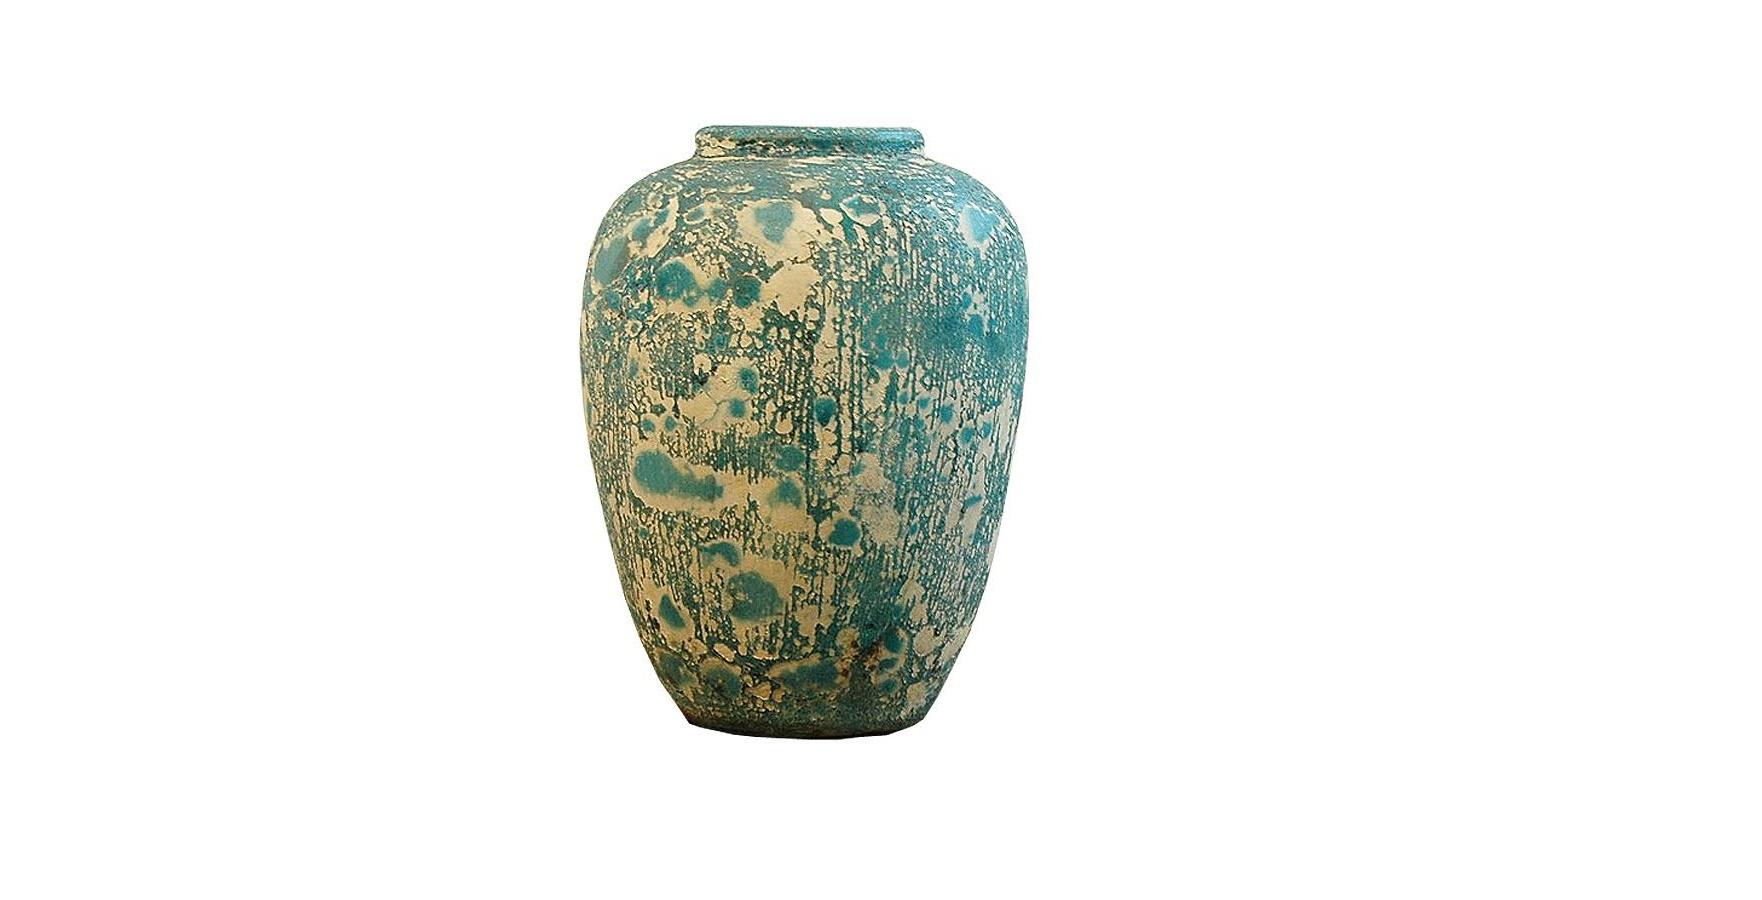 Ваза Getong B-MtВазы<br>&amp;quot;Getong B-Mt&amp;quot; ? предмет декора, который позволит лету навсегда поселиться в вашем доме. Бирюзовый цвет, ассоциирующийся с морем, доминирует в его оригинальной отделке, а сквозь загадочные узоры проглядывает натуральный тик. Естественная красота природы, которая нашла свое выражение в дизайне этой вазы, прекрасно впишется в прованские интерьеры.<br><br>Material: Тик<br>Length см: 35<br>Width см: 22<br>Height см: 22